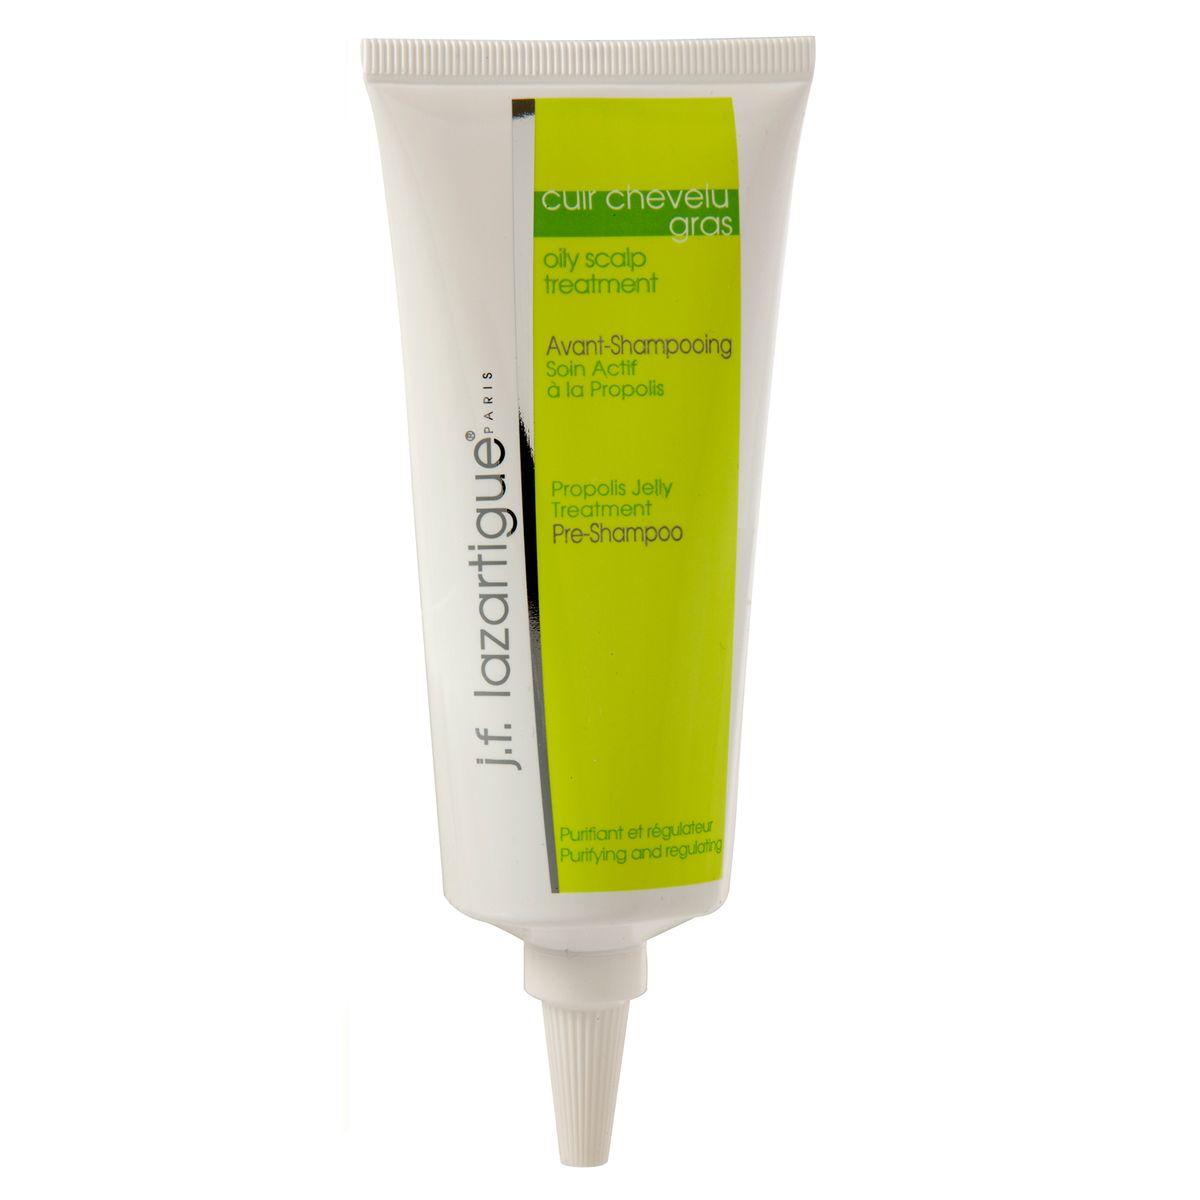 J.F.Lazartigue Гель с прополисом для жирной кожи головы 75 мл01110Прополис обезвреживает микроорганизмы, которые способствуют развитию себореи и образованию перхоти. Гель с прополисом тщательно очищает кожу головы, способствует регуляции выделения кожного сала, снимает раздражение и зуд.